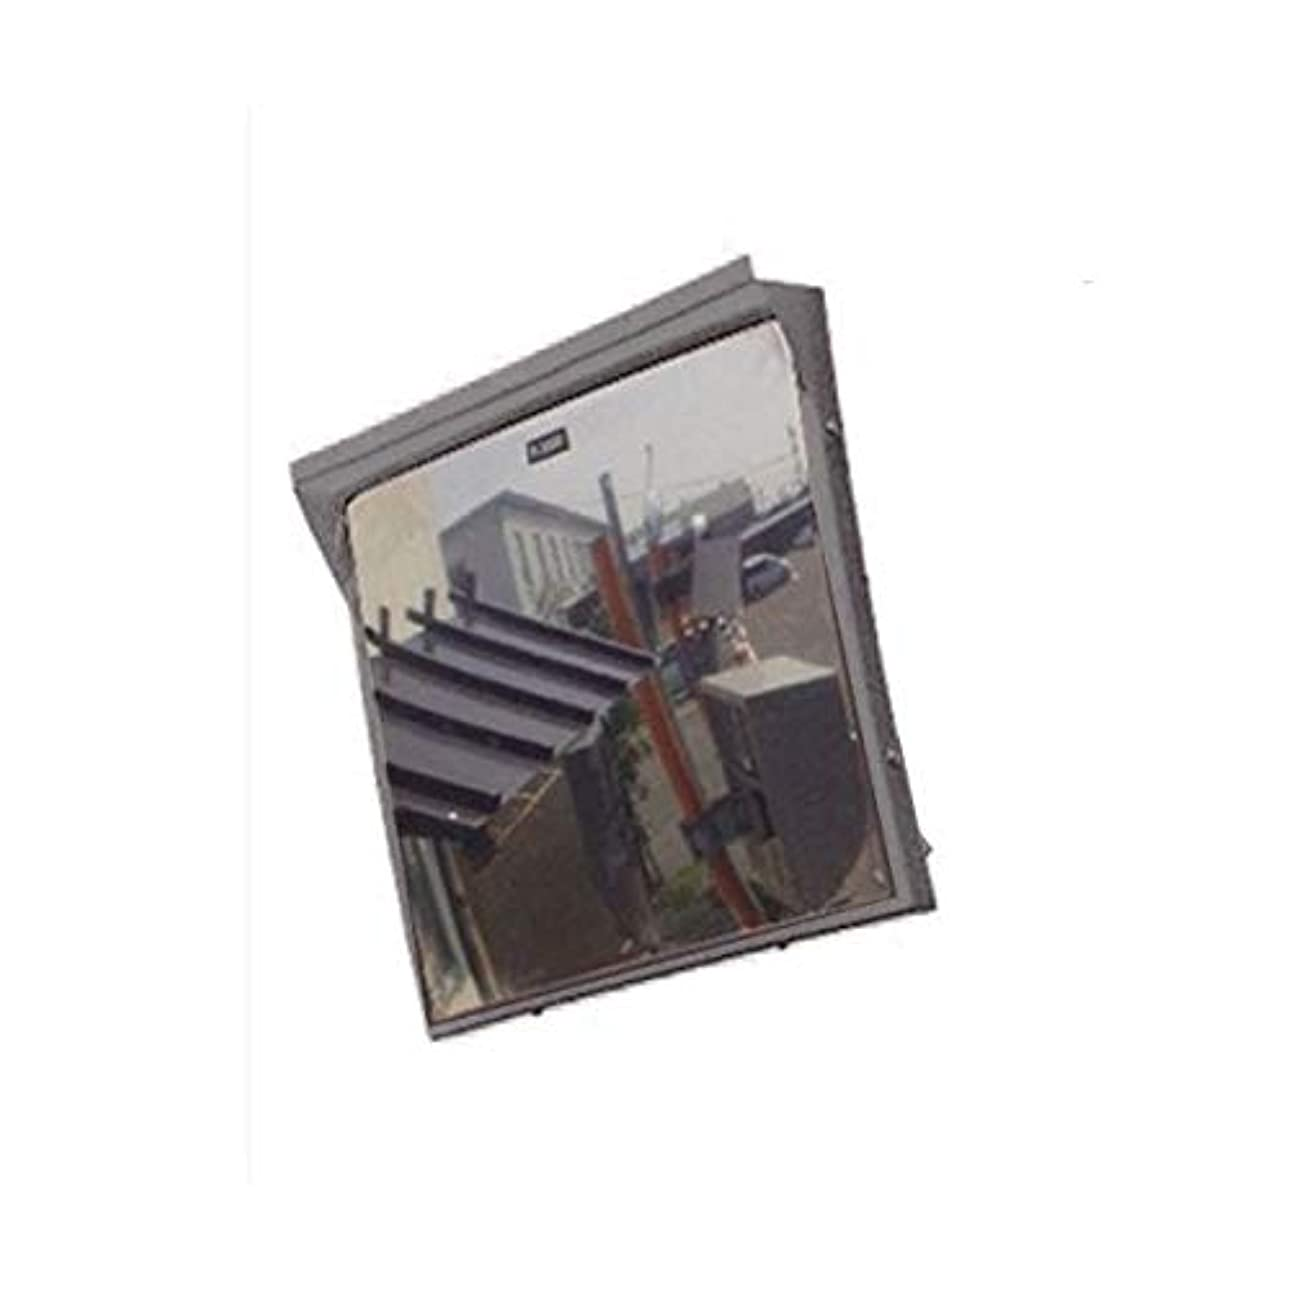 ソート持続するトリッキーカーブミラー 角型600mm×800mm アクリル製ミラー(道路反射鏡) HPLA-角6080S(グレー)